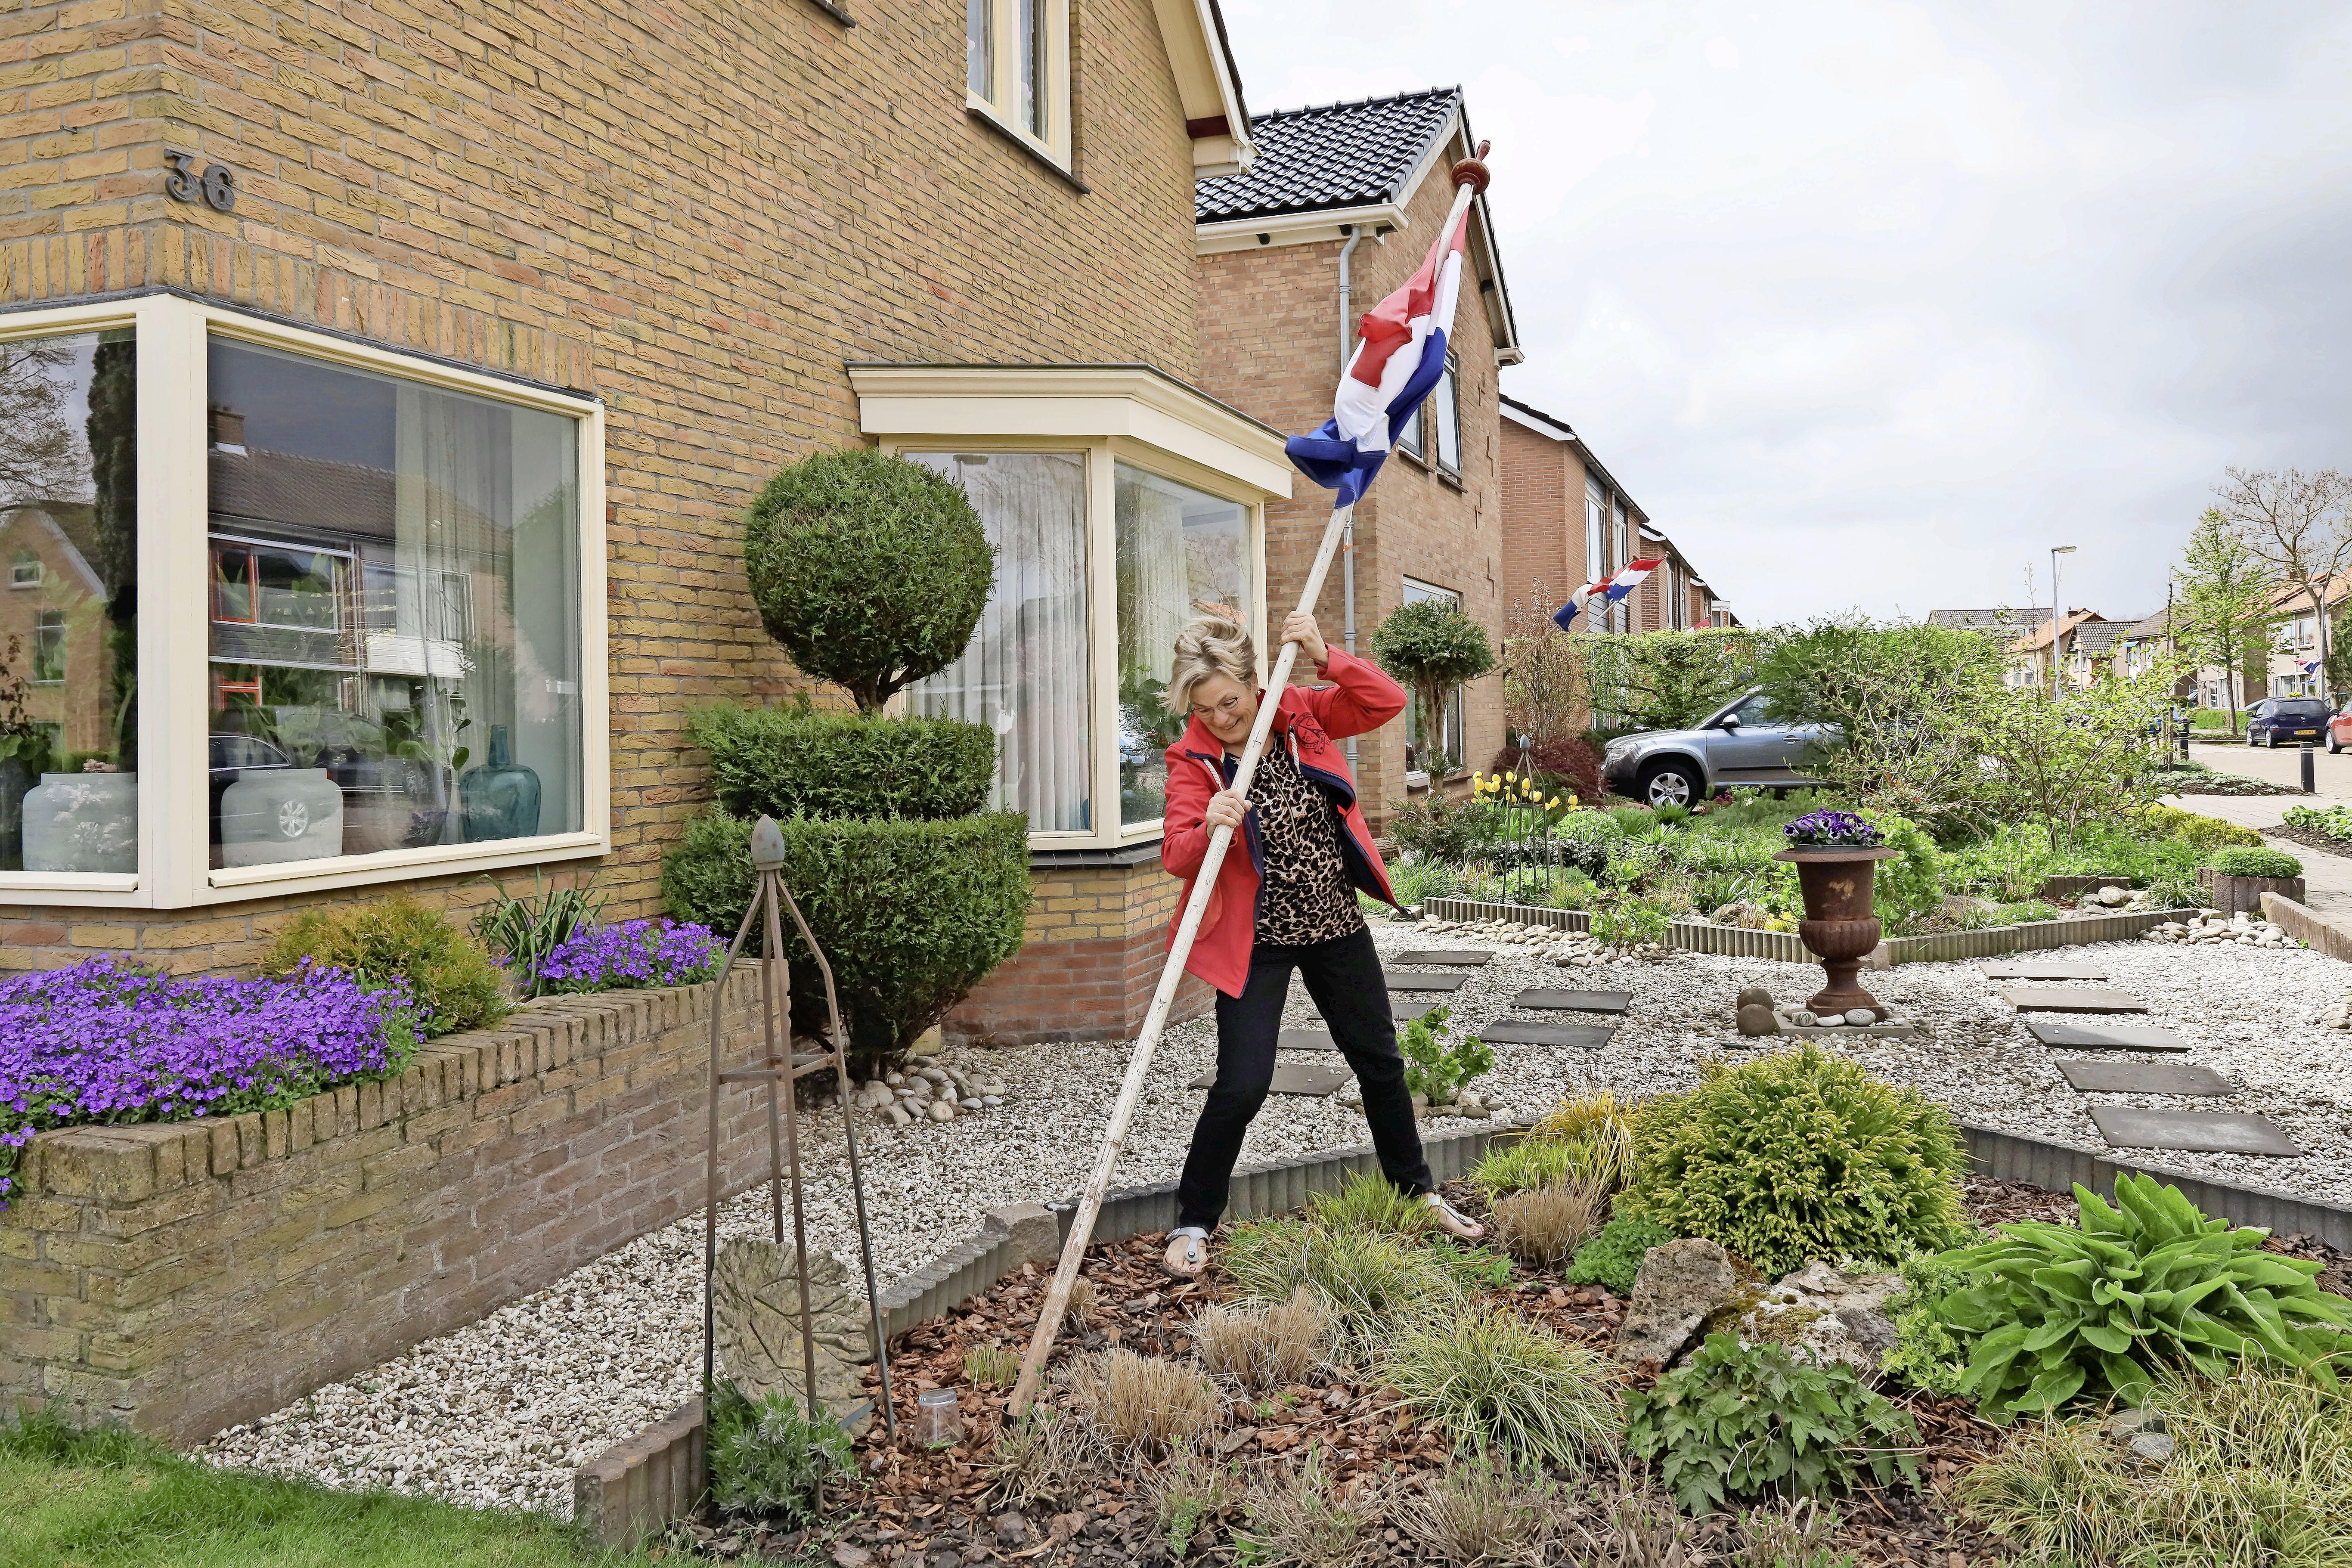 'Ik weet het nog zo goed. Mijn vader kwam met witbrood thuis', herinnert Brigitte van Baar zich. De vlag gaat uit op de 'bijzondere' Bevrijdingsdag